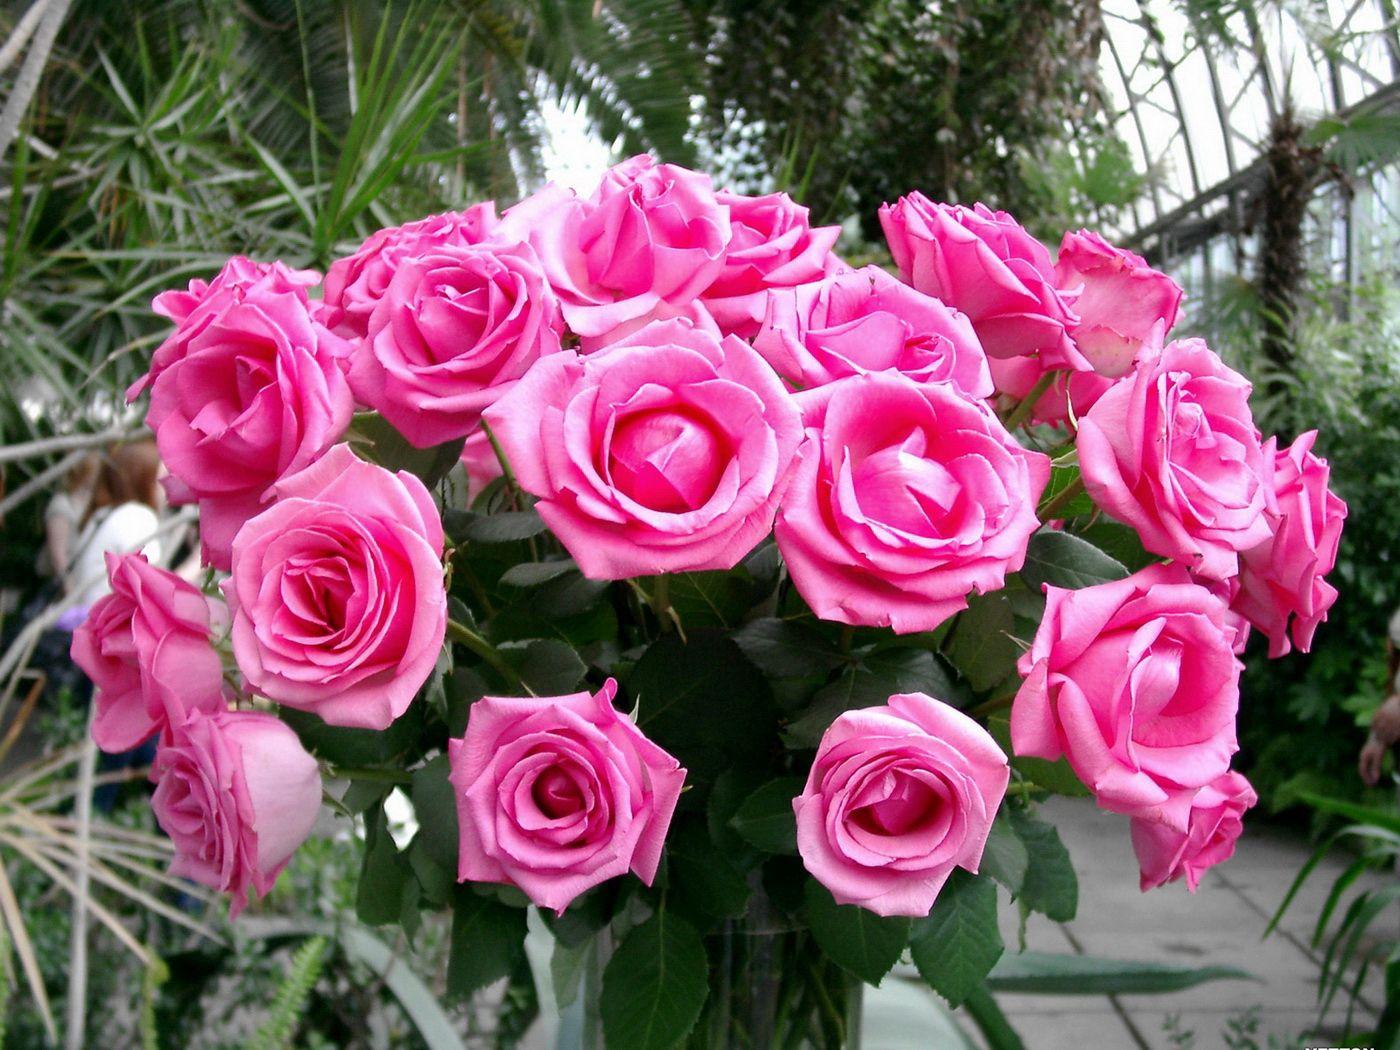 54594 скачать обои Букет, Розы, Цветы, Красота, Розовые, Нежные - заставки и картинки бесплатно